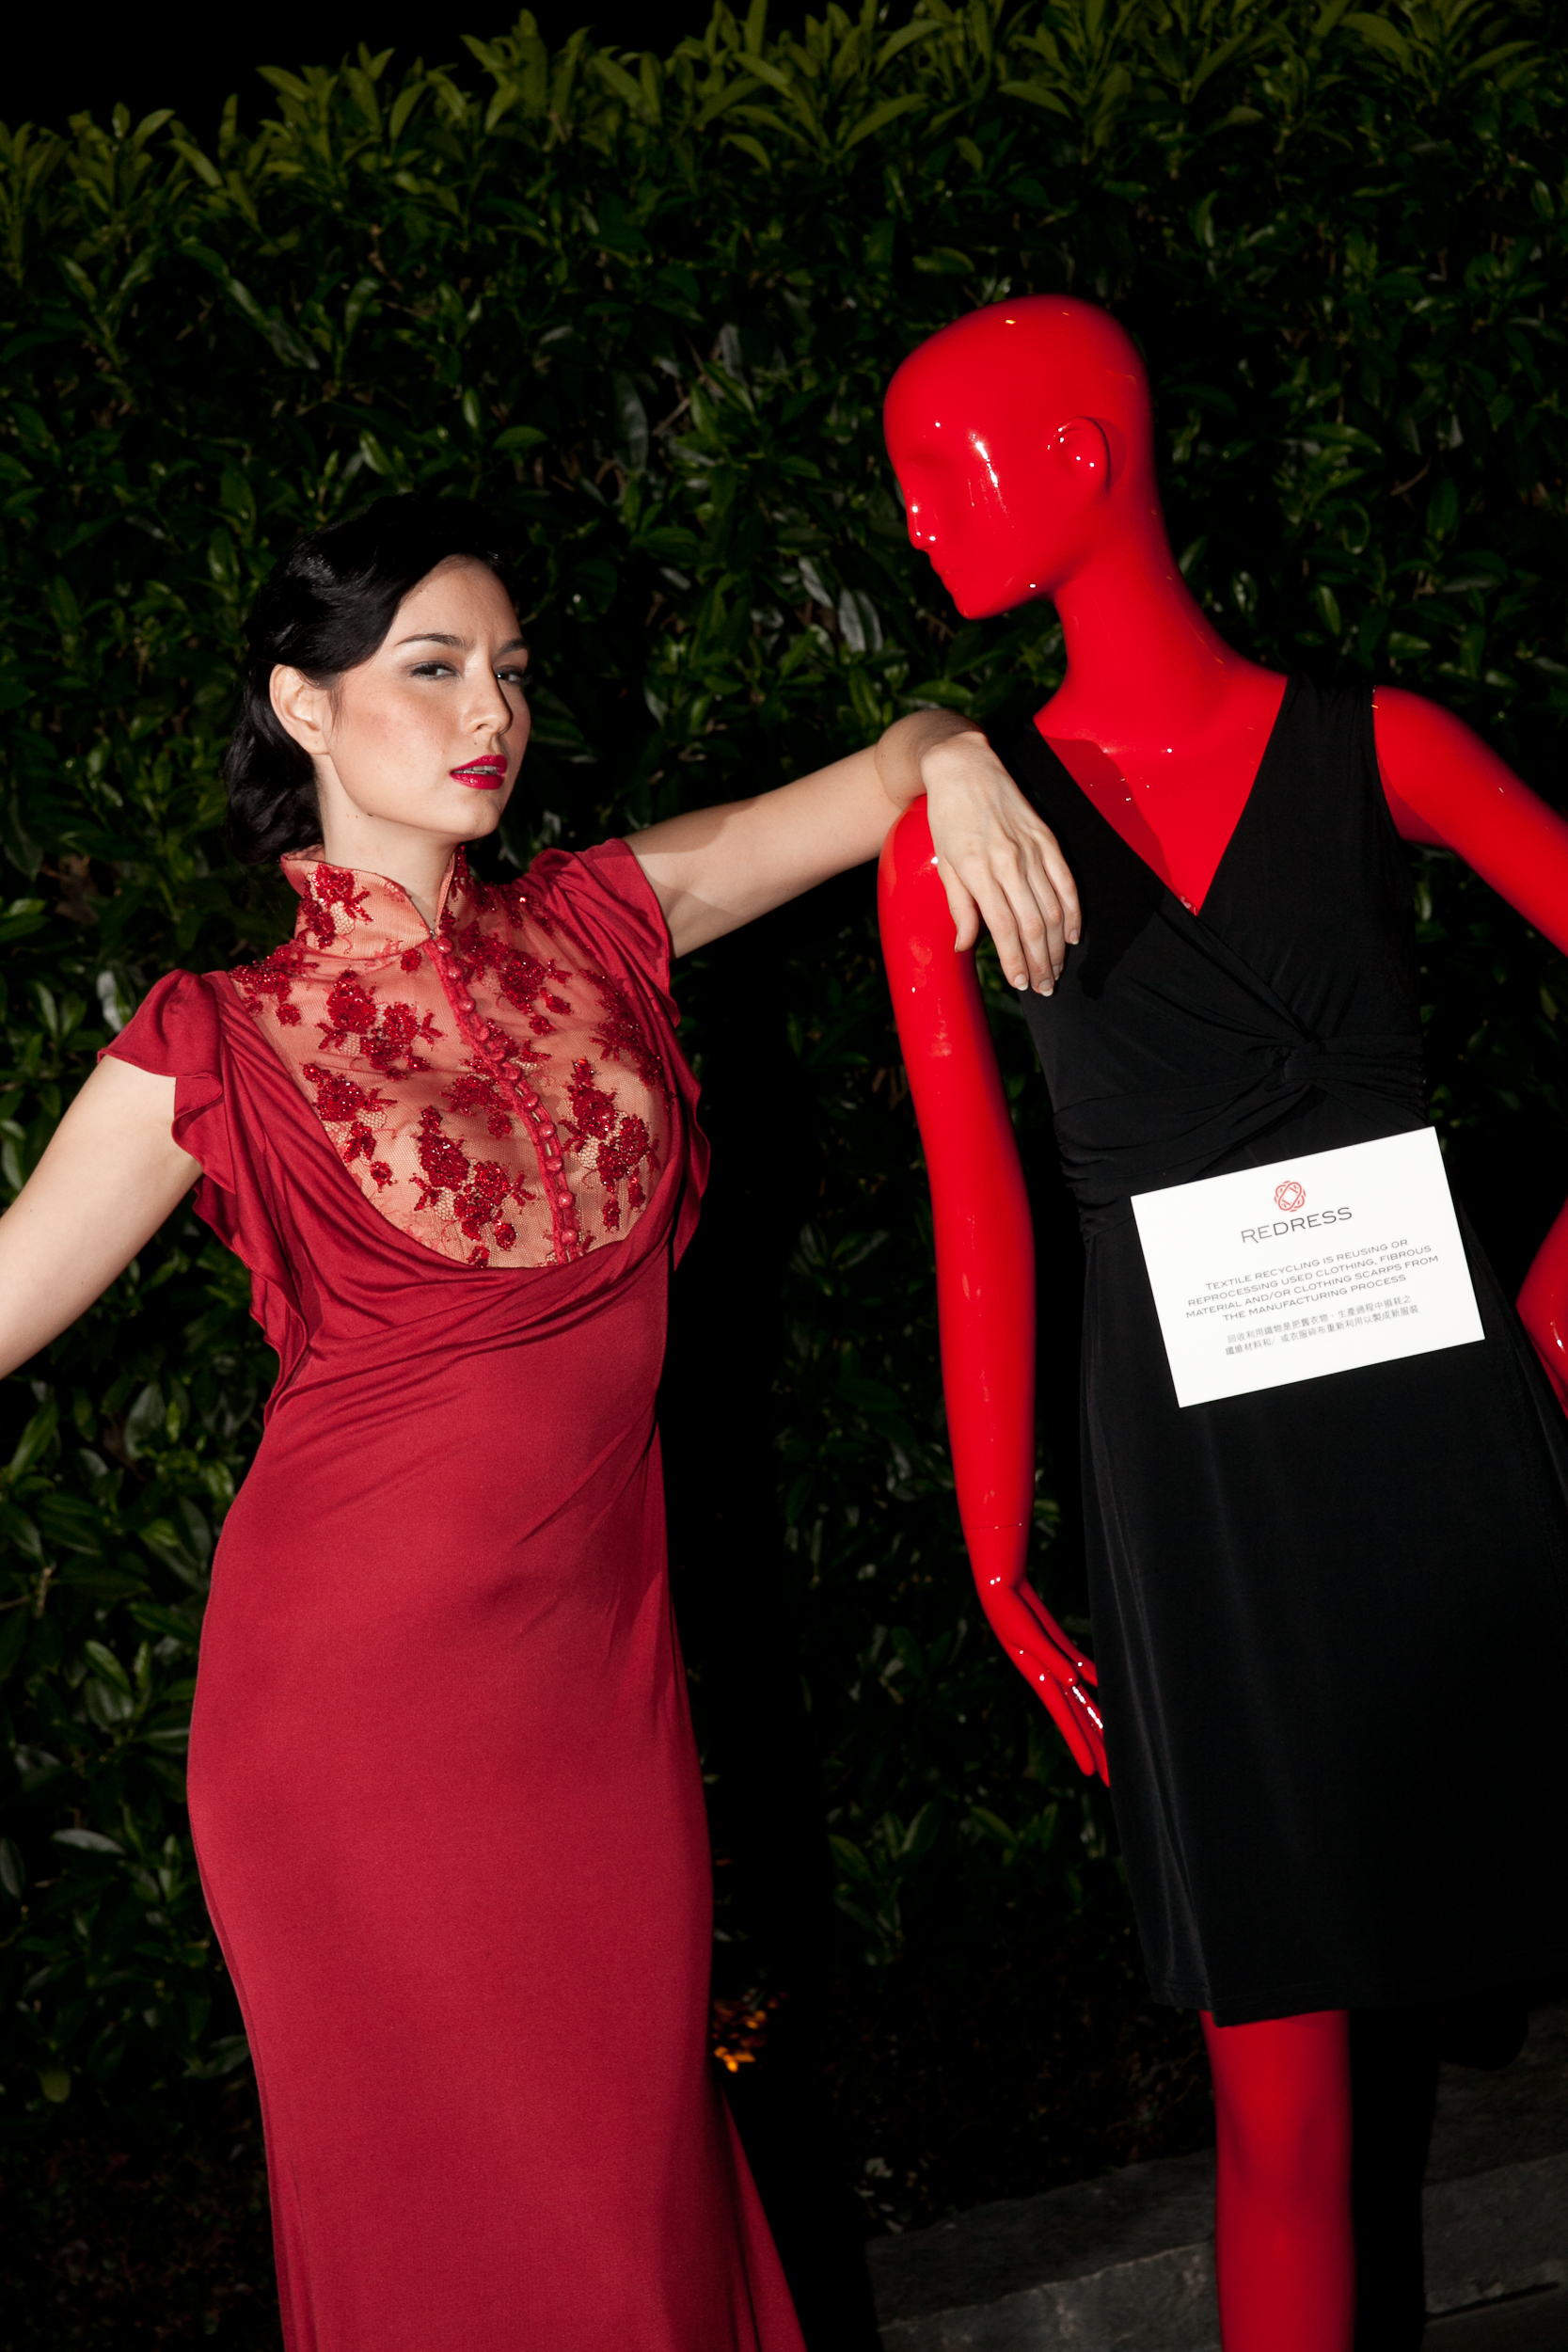 Hong Kong supermodel Ana R attends the Redress Design Award 2011 Grand Final Show